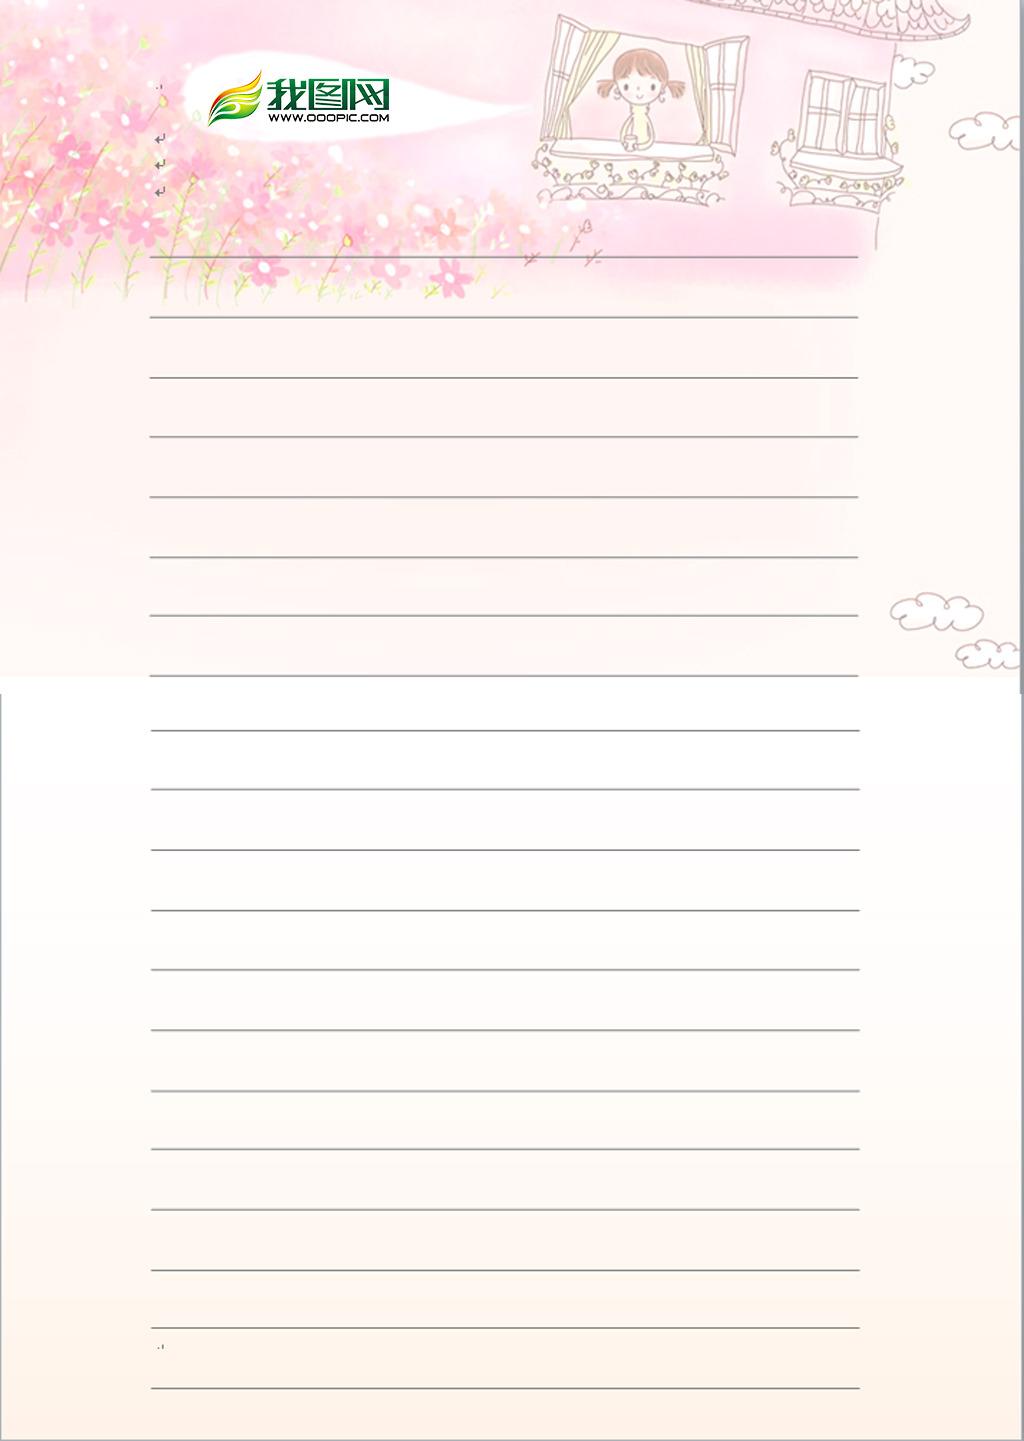 信纸模板 信纸背景 信纸素材